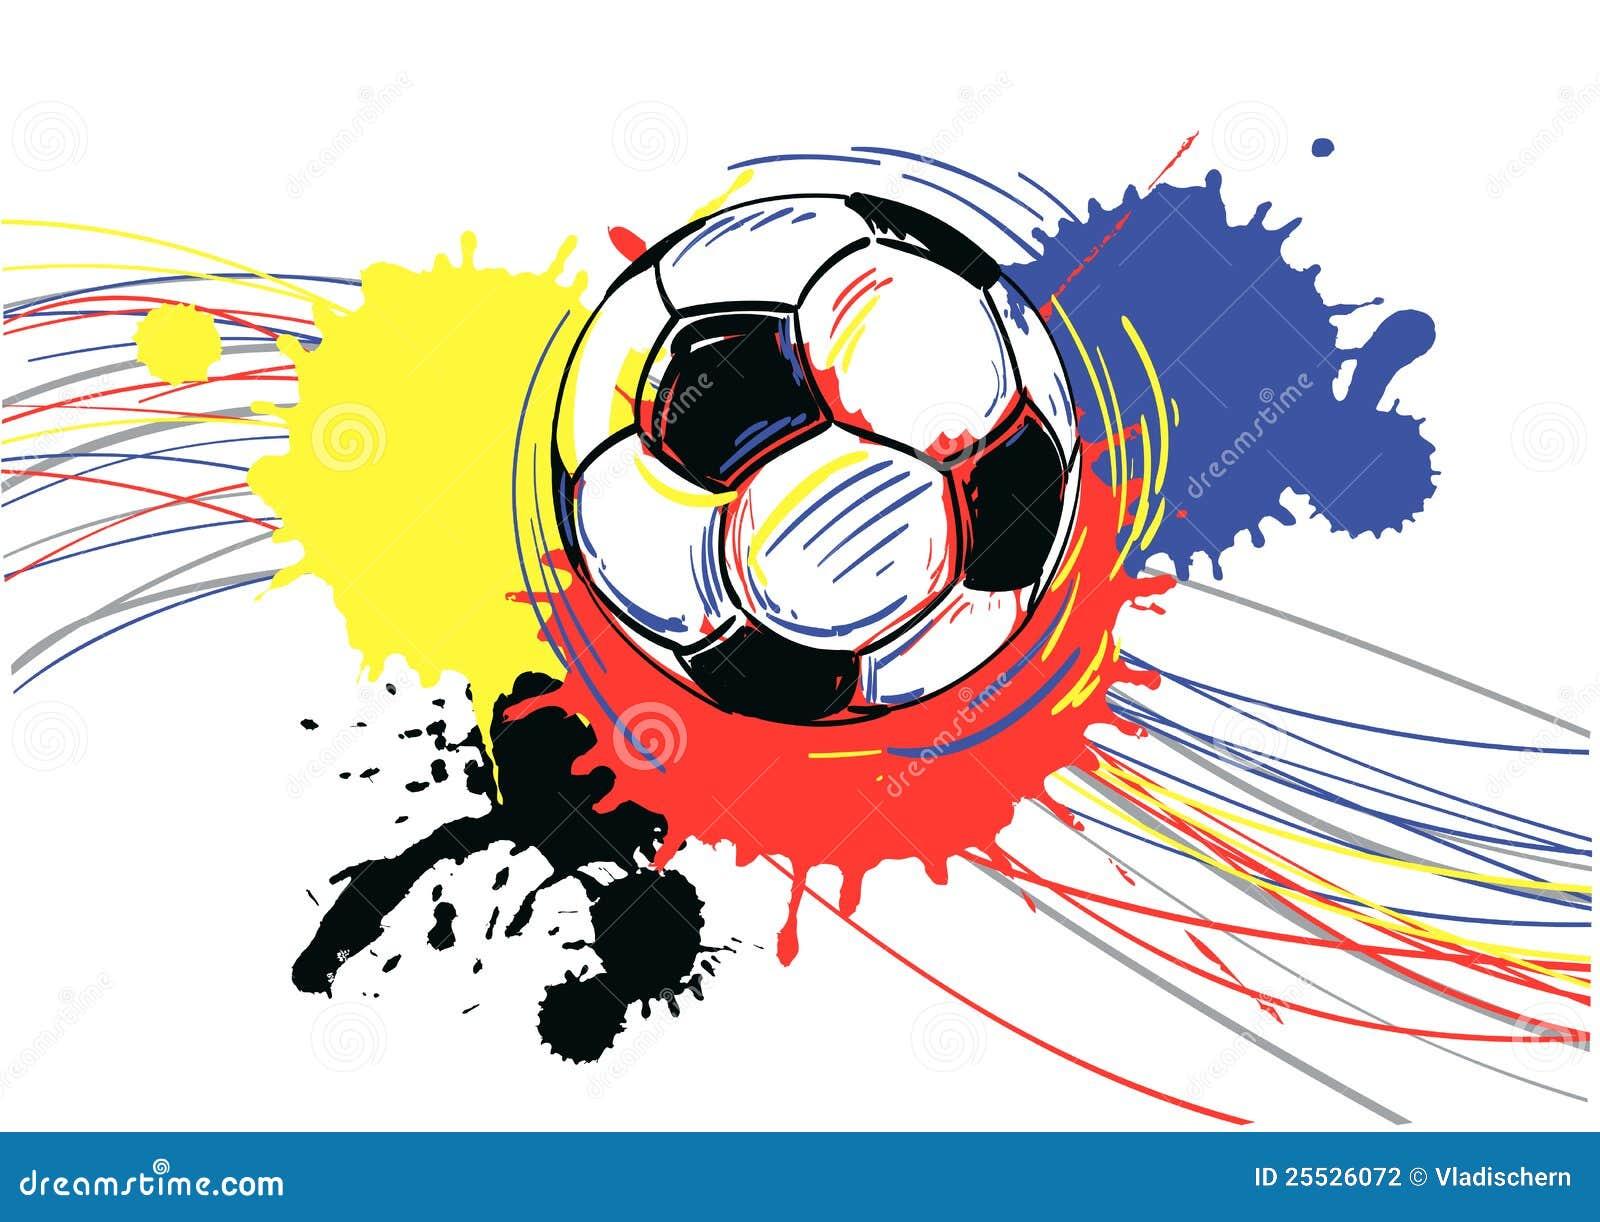 soccer ball football vector illustration illustration 25526072